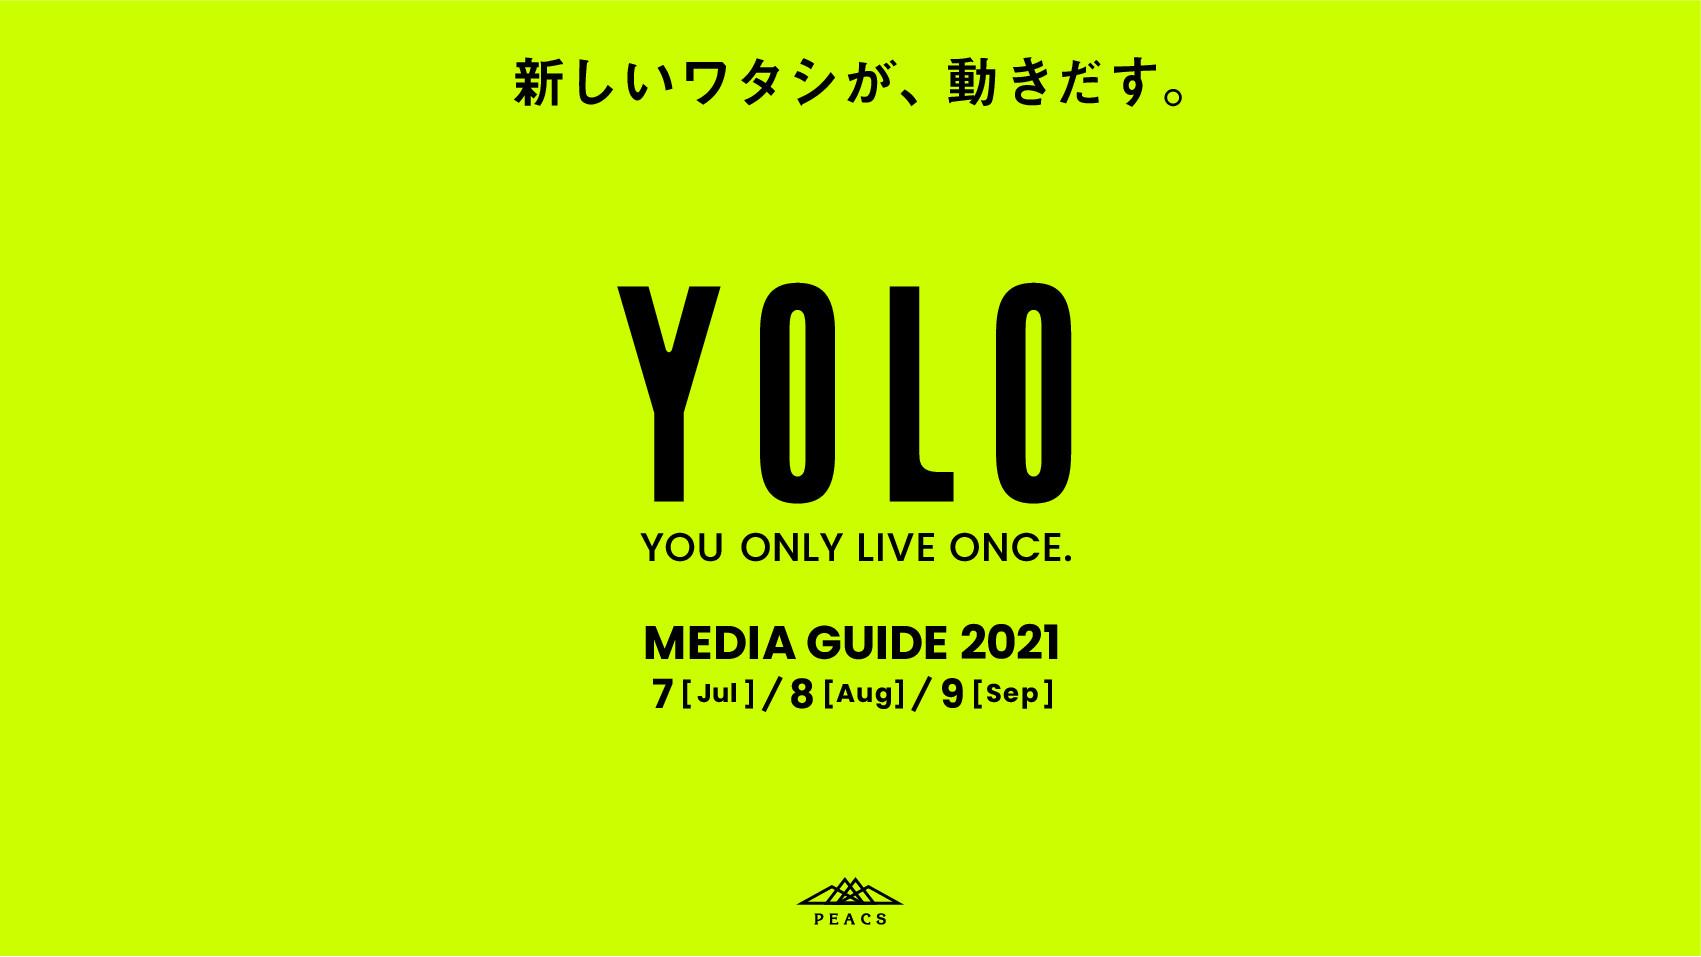 yolo_mediaguide_210714_001